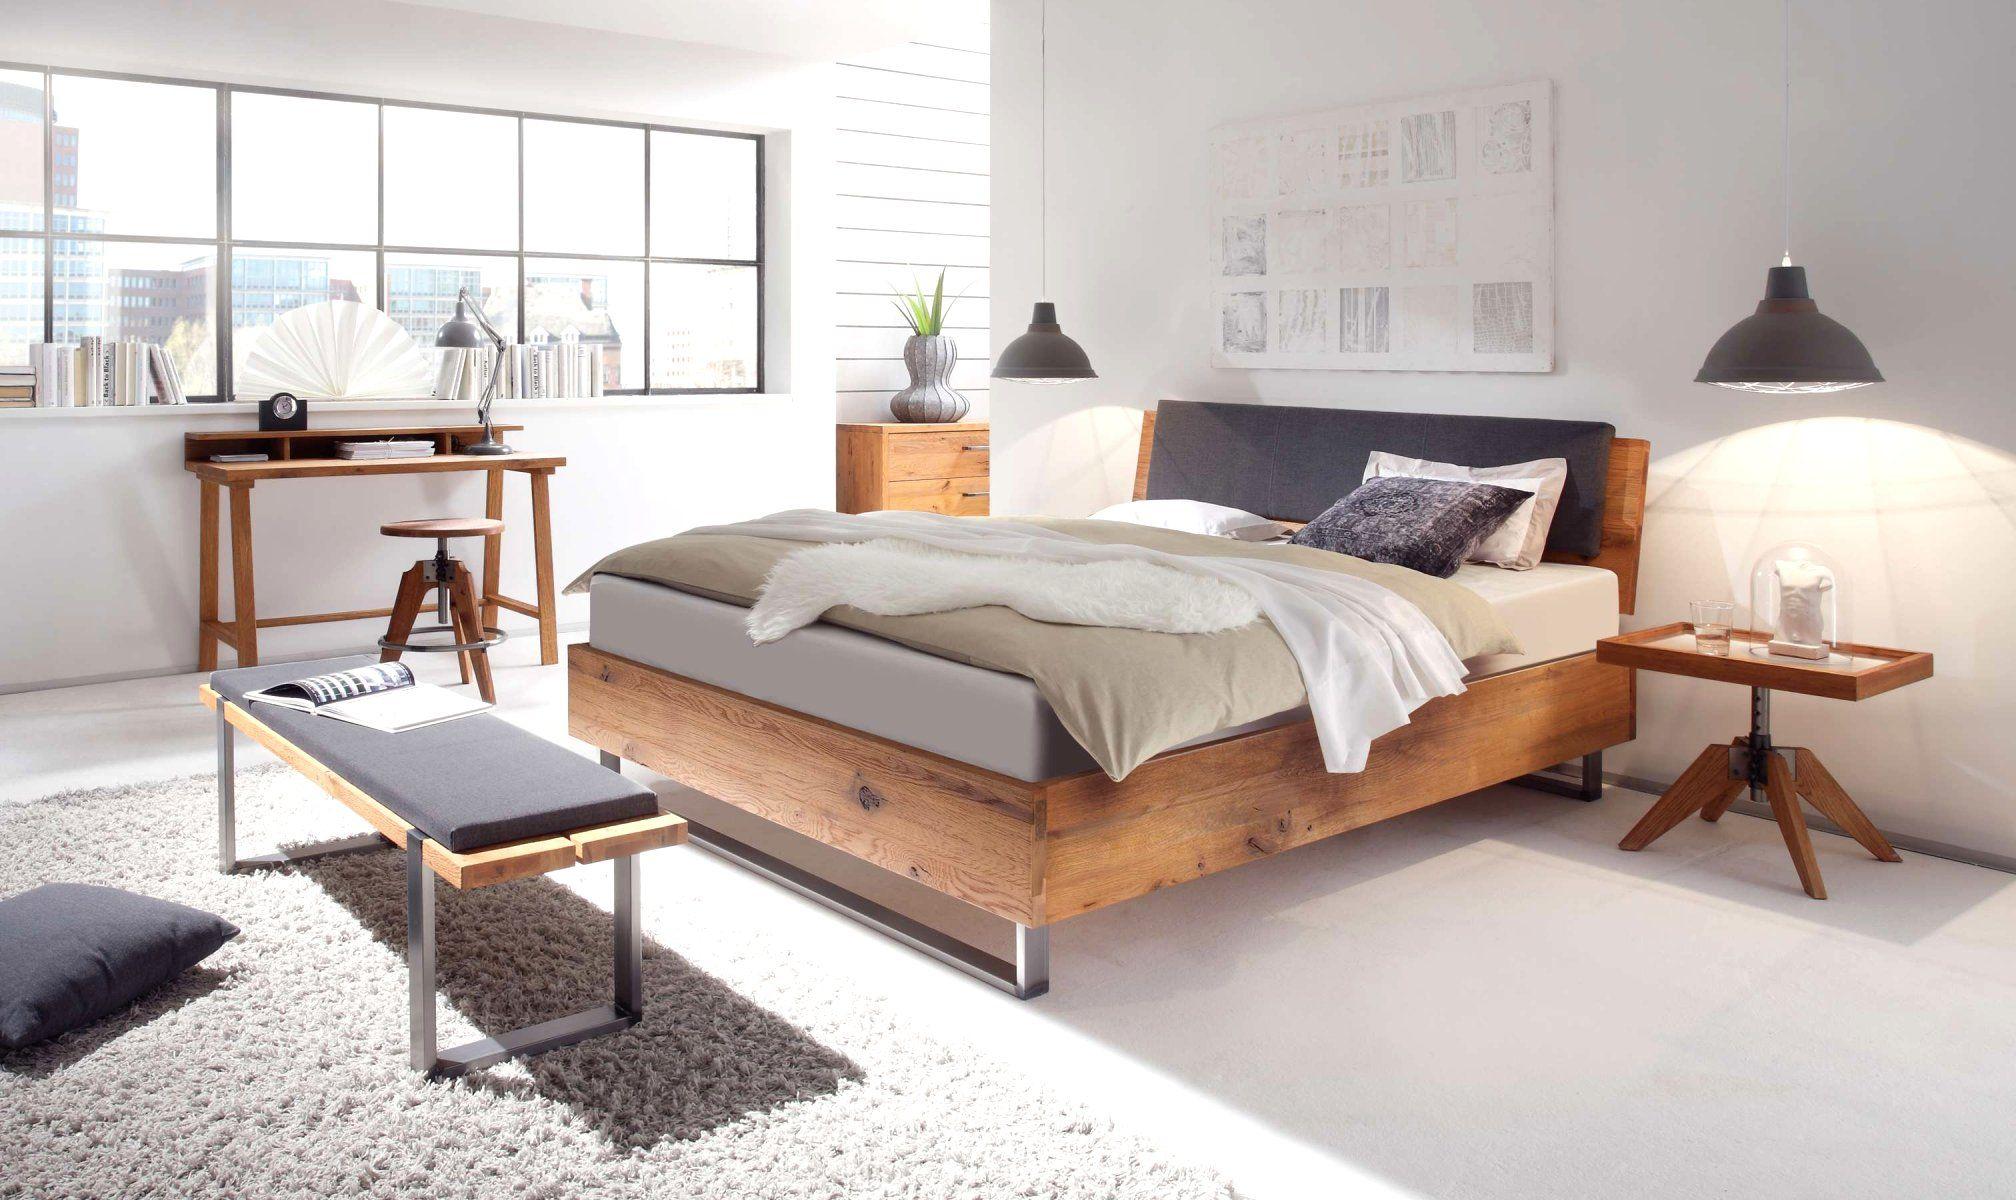 Bett Hasena Wild Oak Bett Modern Designer Bett Schlafzimmermöbel